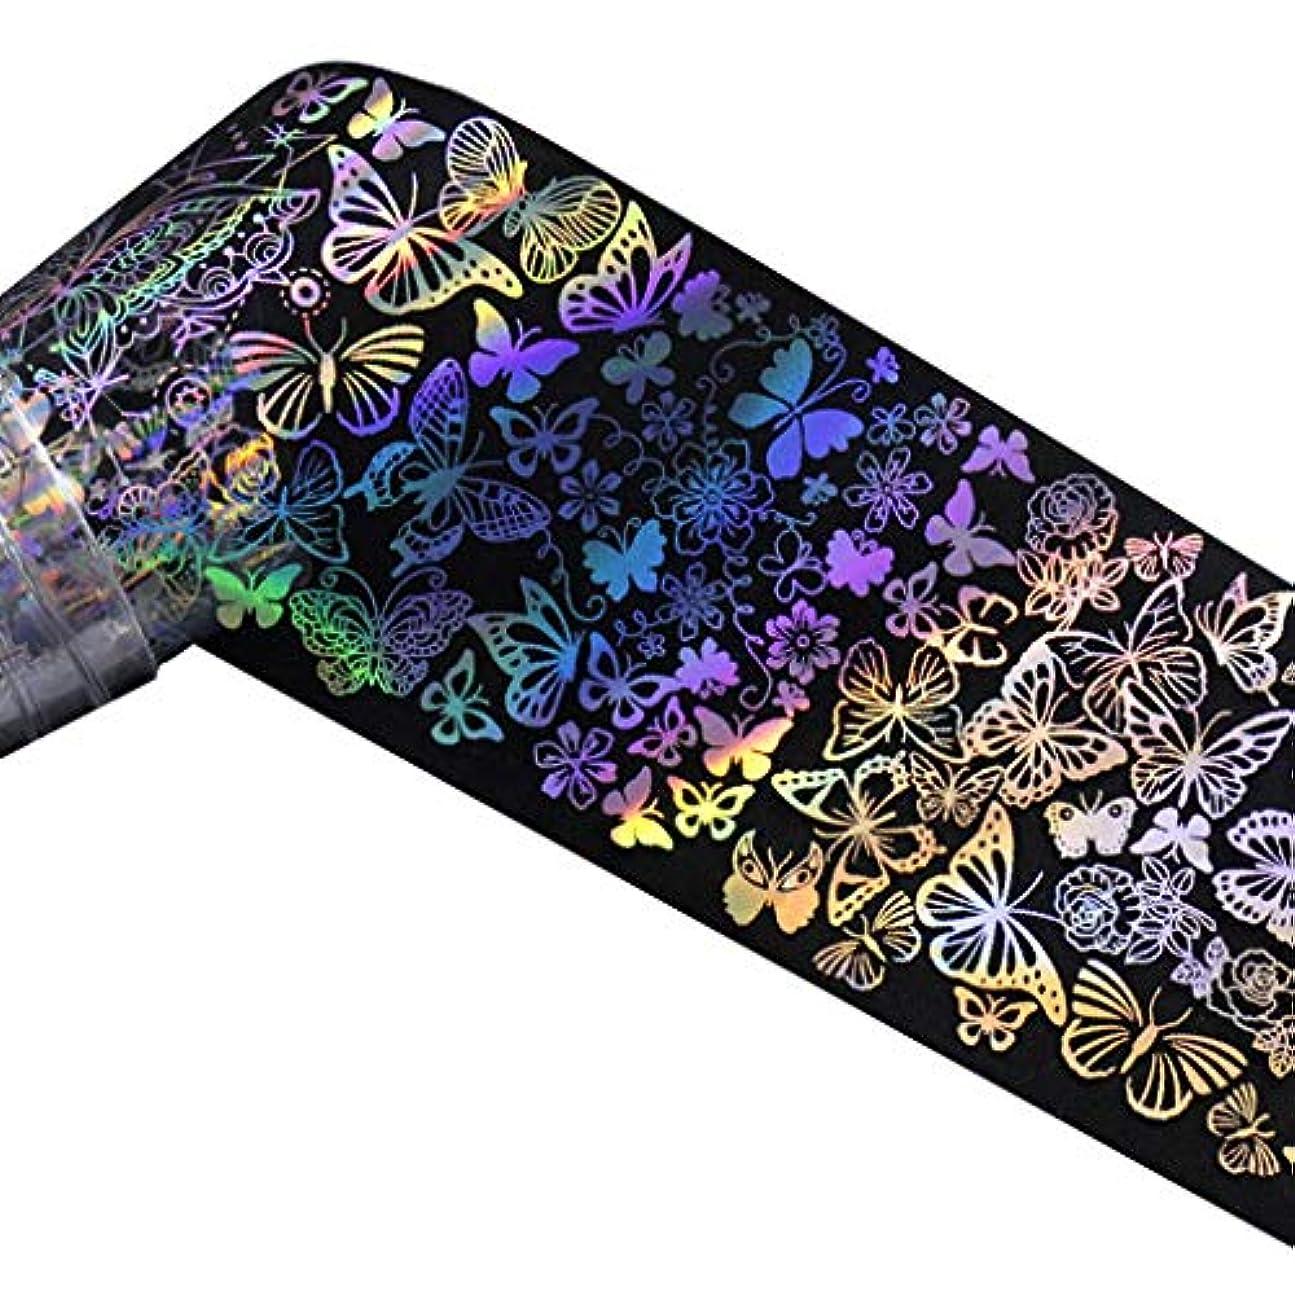 不従順発明入札Nerhaily ヨーロッパ風格 ネイルホイル ネイルシール ウォーターネイルシール 爪に貼るだけ ネイルデコレーション 全10種類 ロールネイルシール